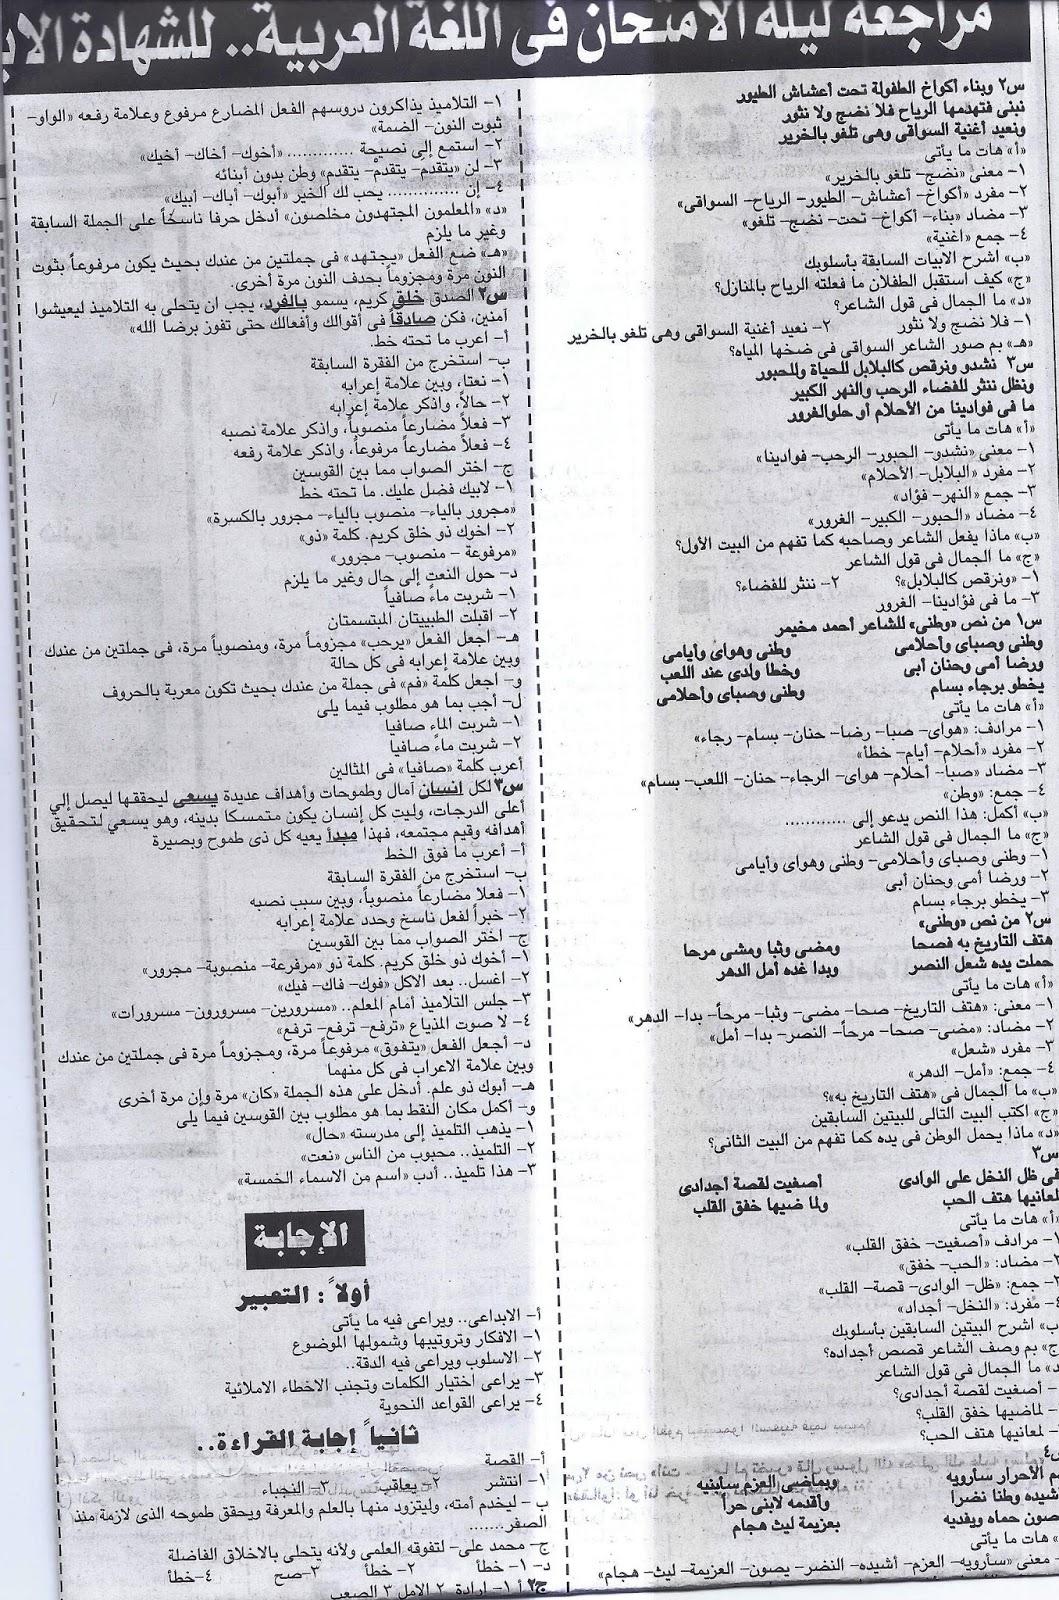 بنك سؤال وجواب لغة عربية الشهادة الابتدائية لن يخرج عنة امتحان اخر العام - ملحق الجمهورية 7/5/2016 5